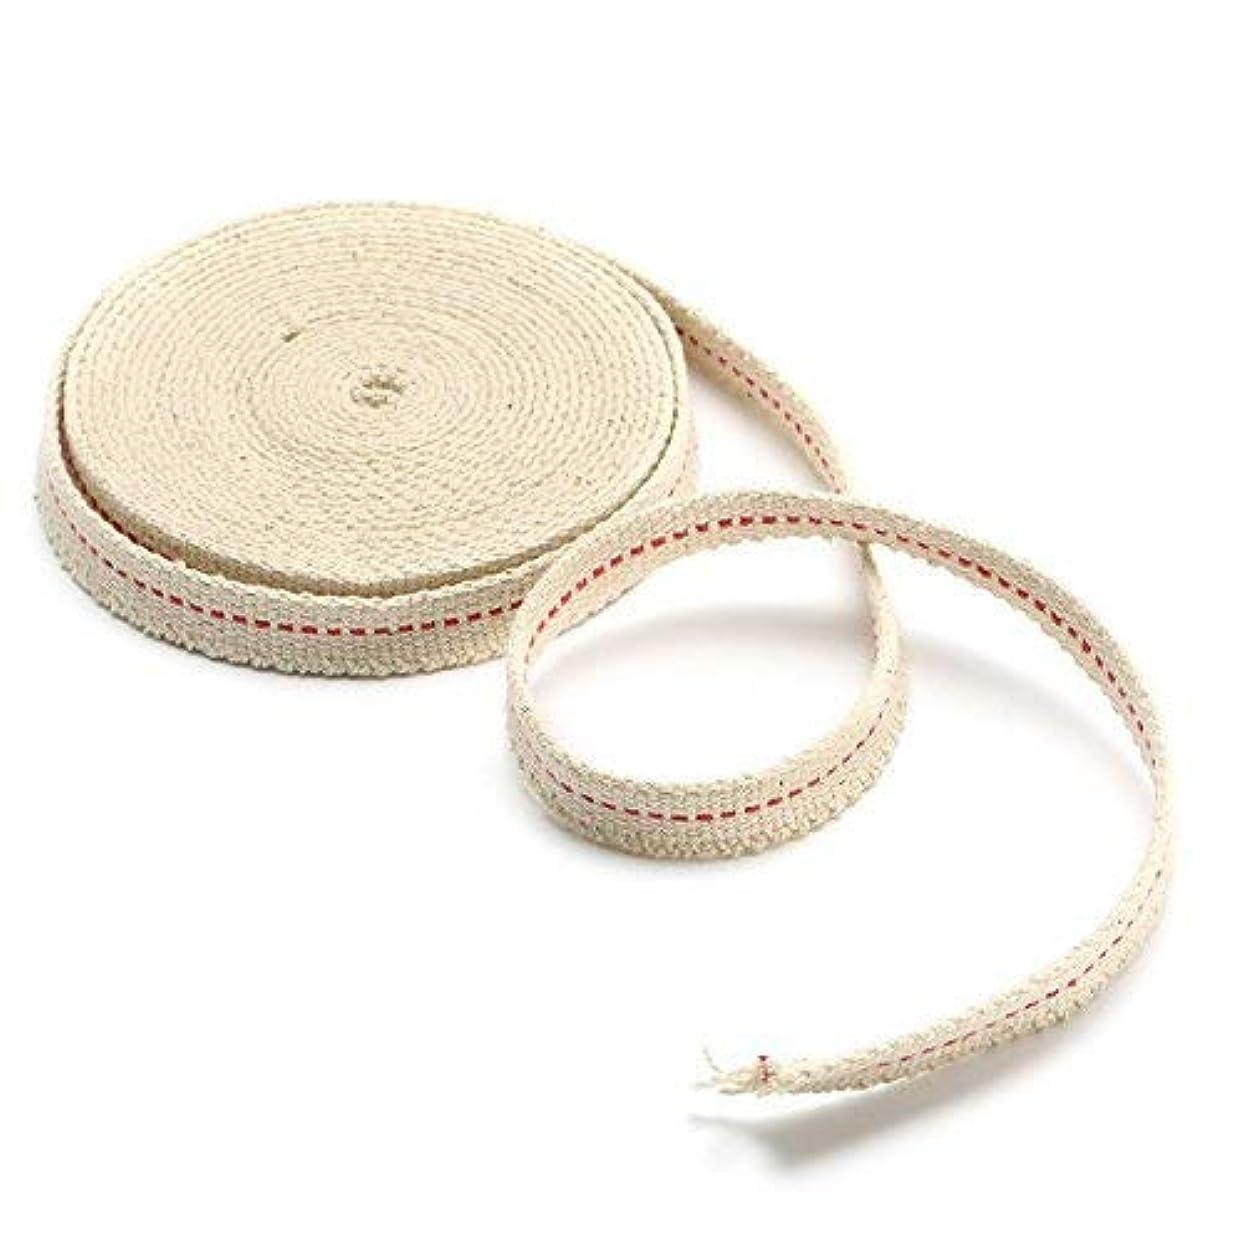 信号スタウト部屋を掃除するAomgsd 綿の芯 用?替芯 ランタンパーツ ランタン綿の芯 オイルランプ用替え芯